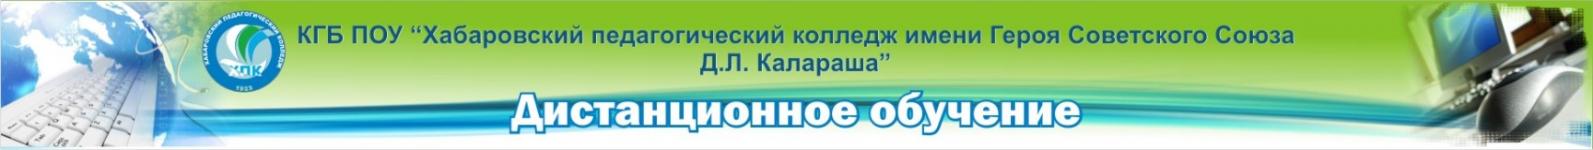 Хабаровский педагогический колледж